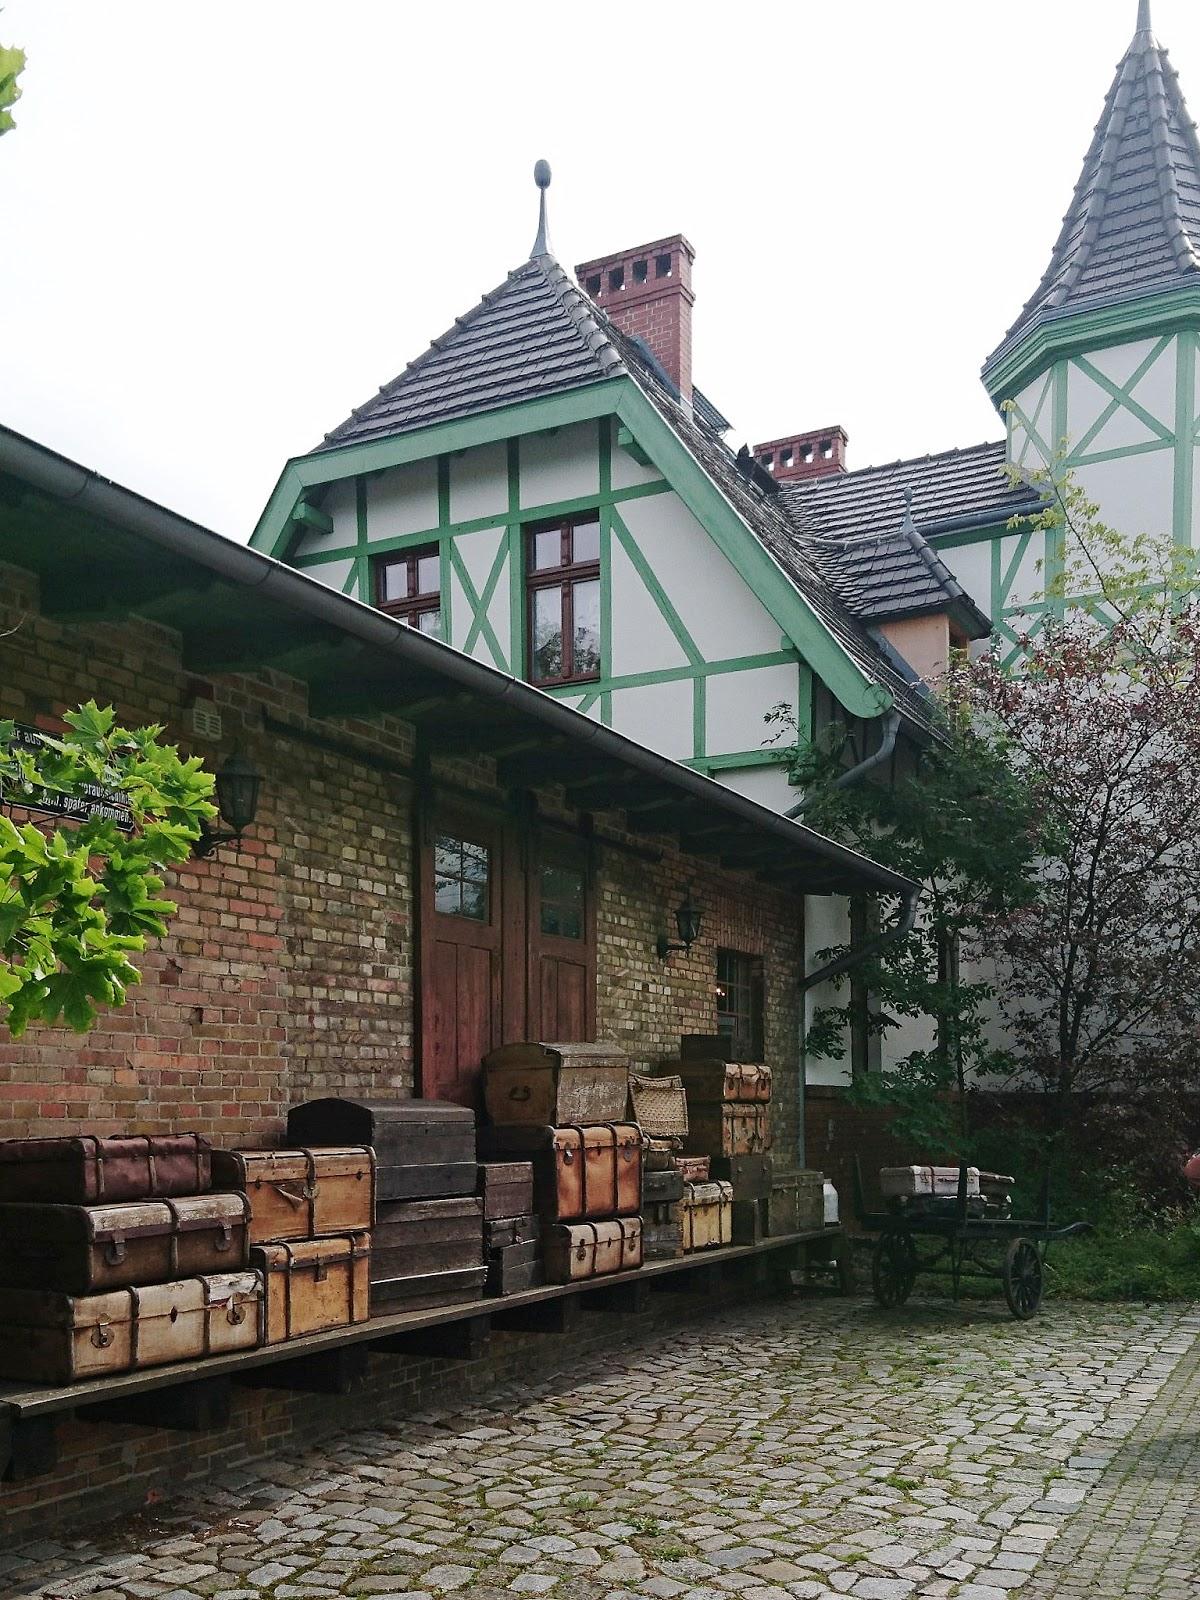 Urige Koffer am alten Bahnhof in Burg